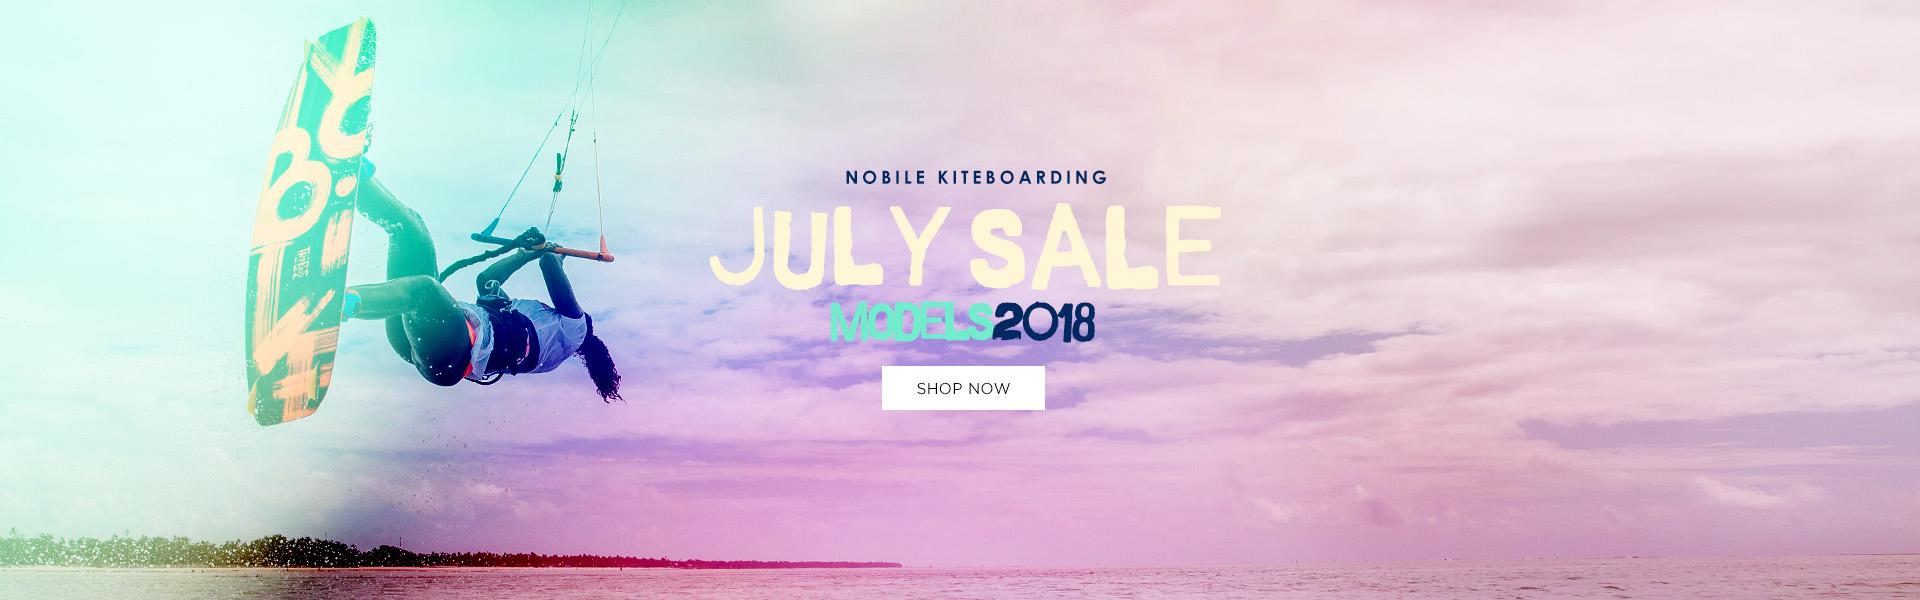 July Sale 2018